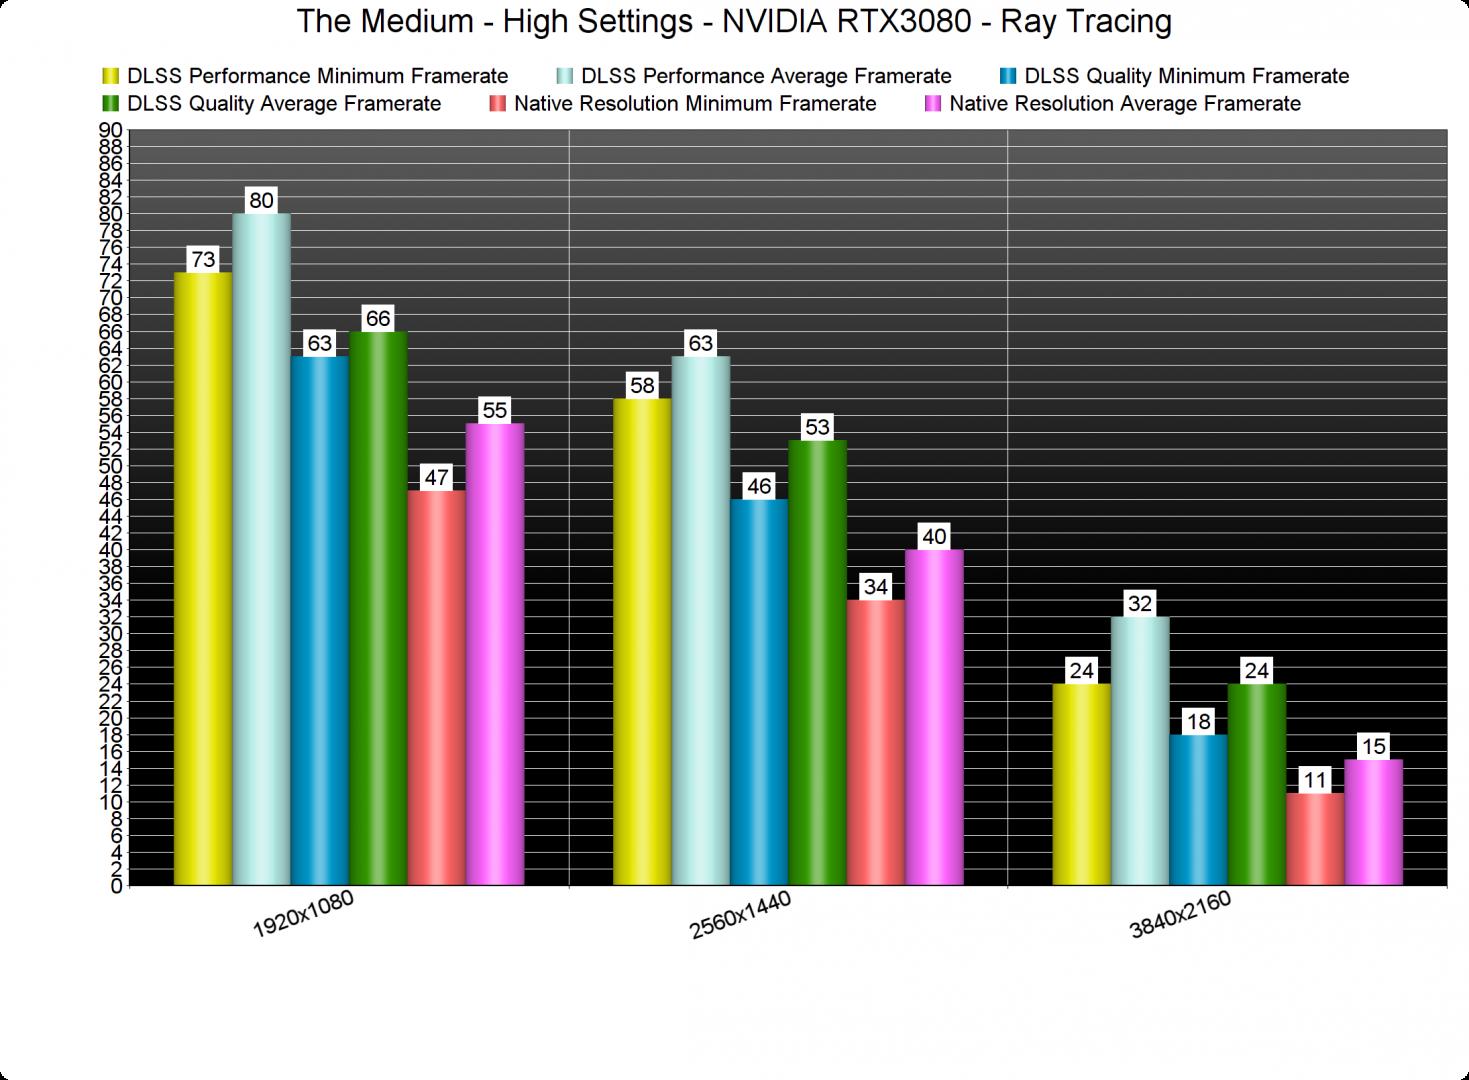 The Medium Ray Tracing benchmarks